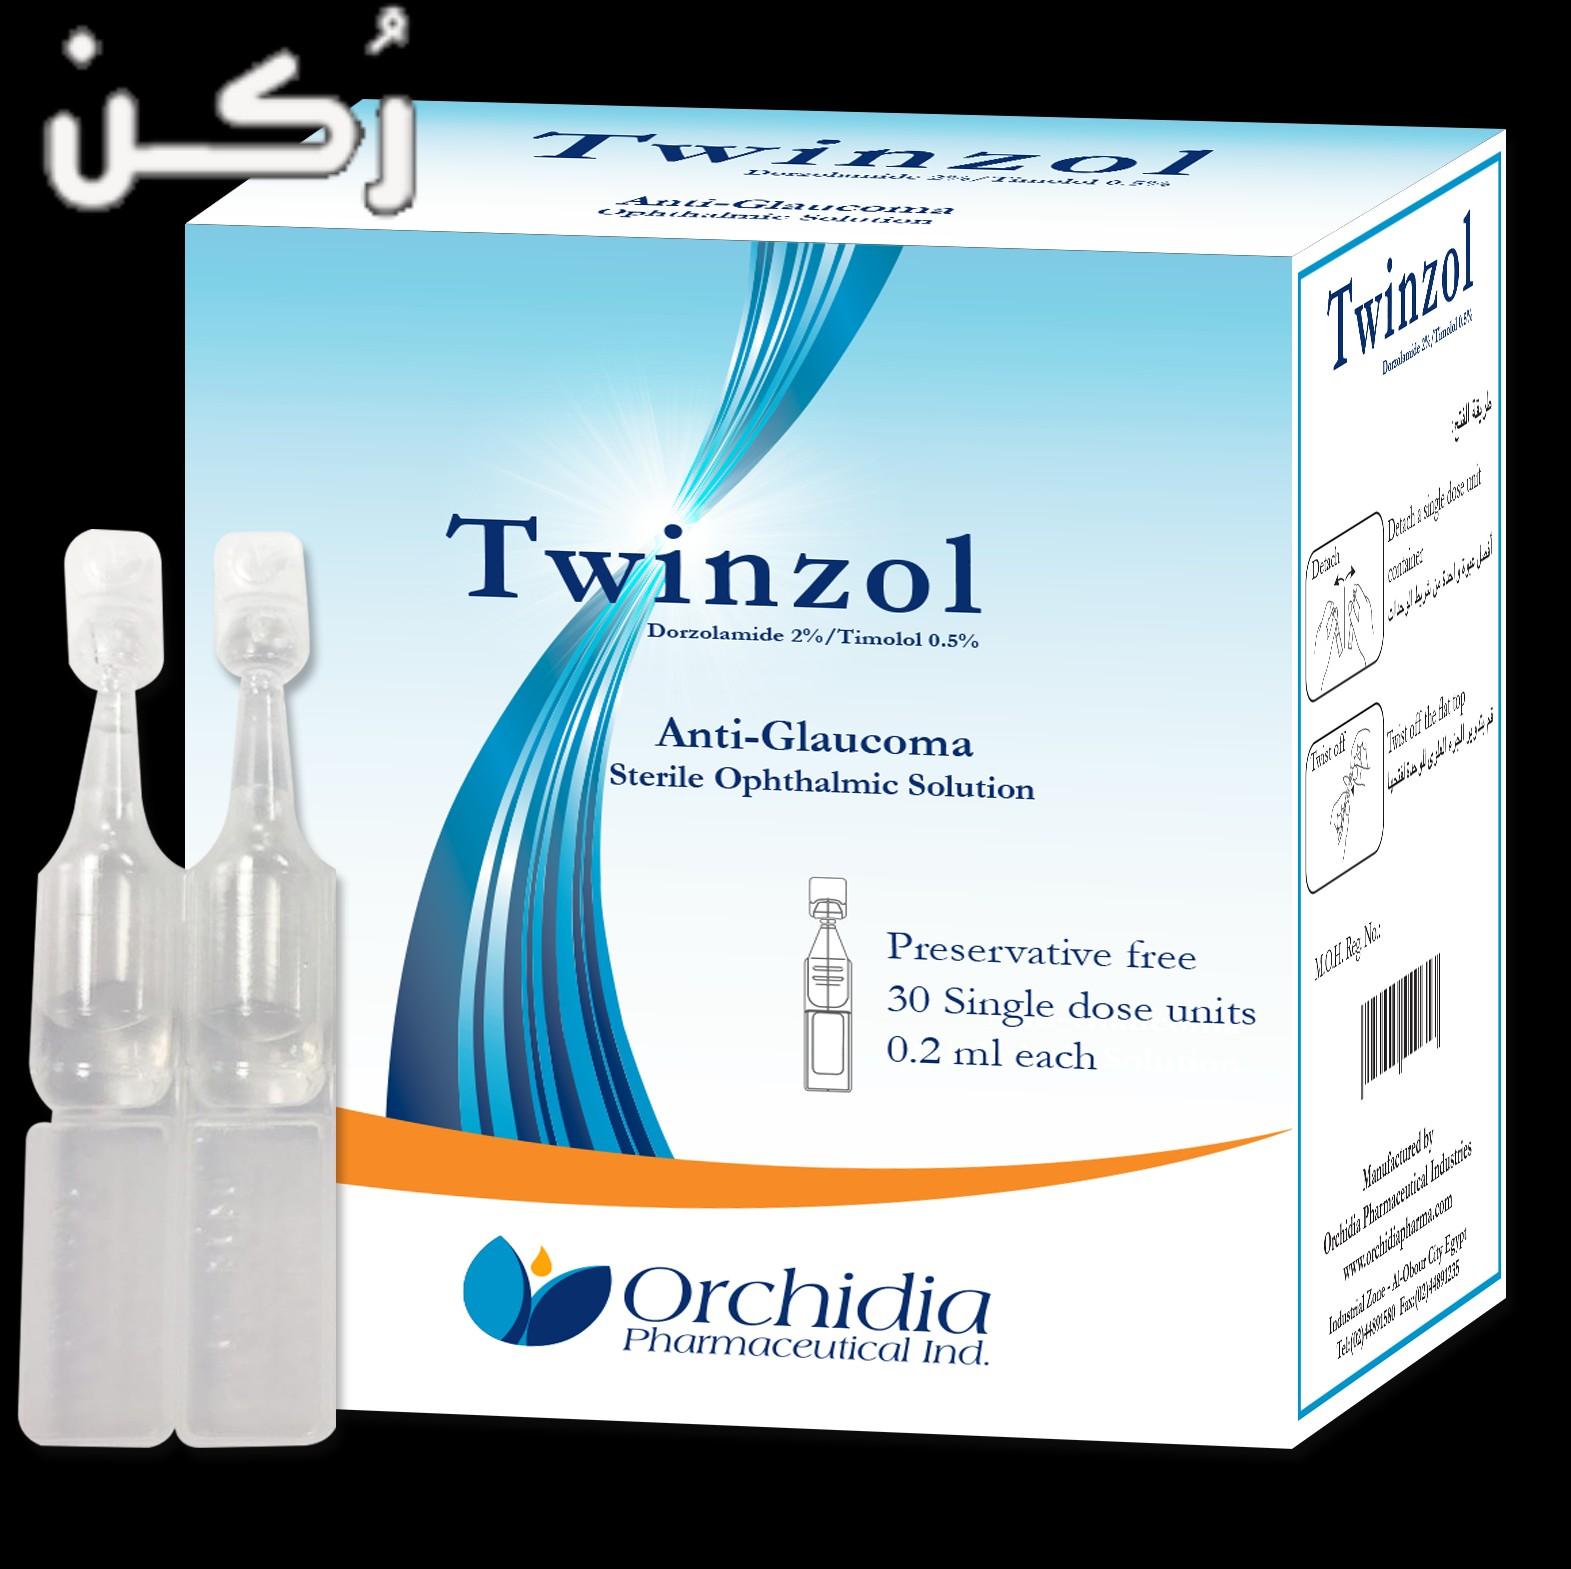 قطرة توينذول Twinzol eye drops لعلاج ارتفاع ضغط العين